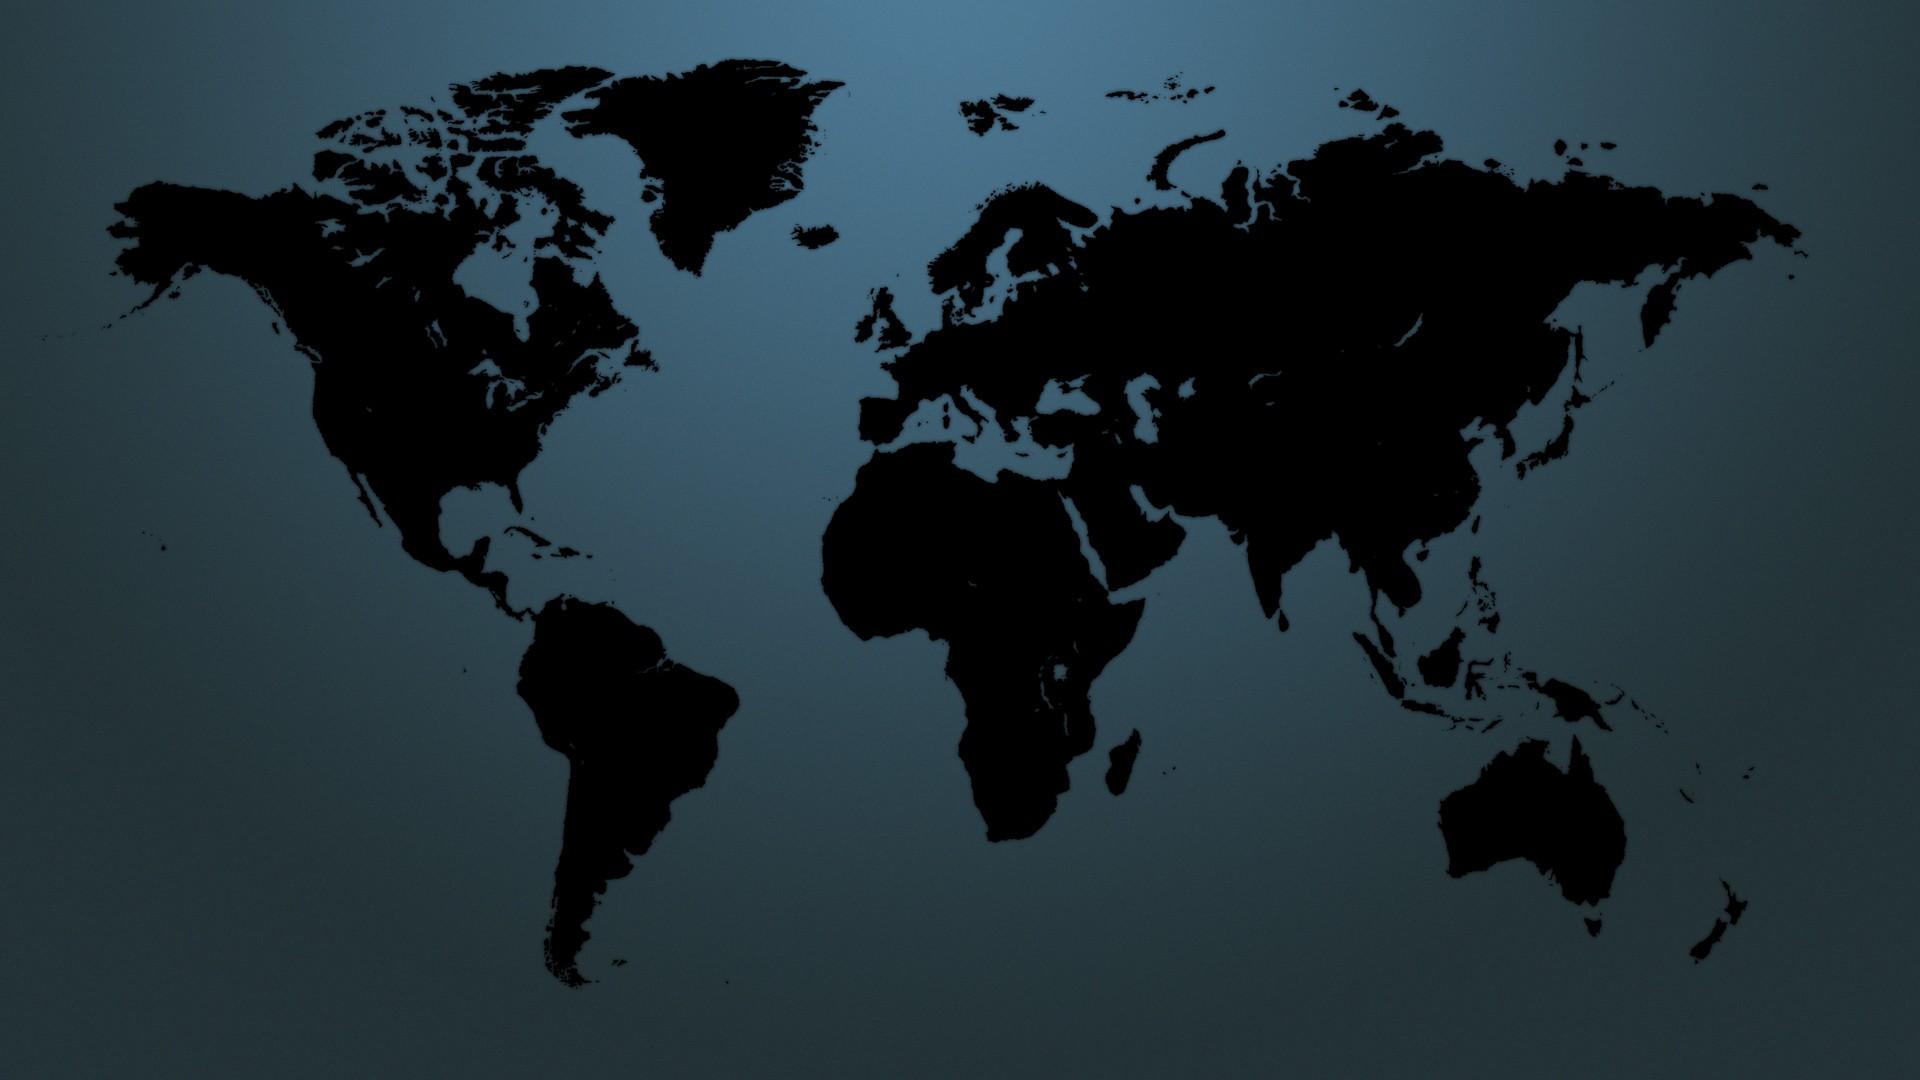 World Map Full HD Widescreen wallpapers for desktop